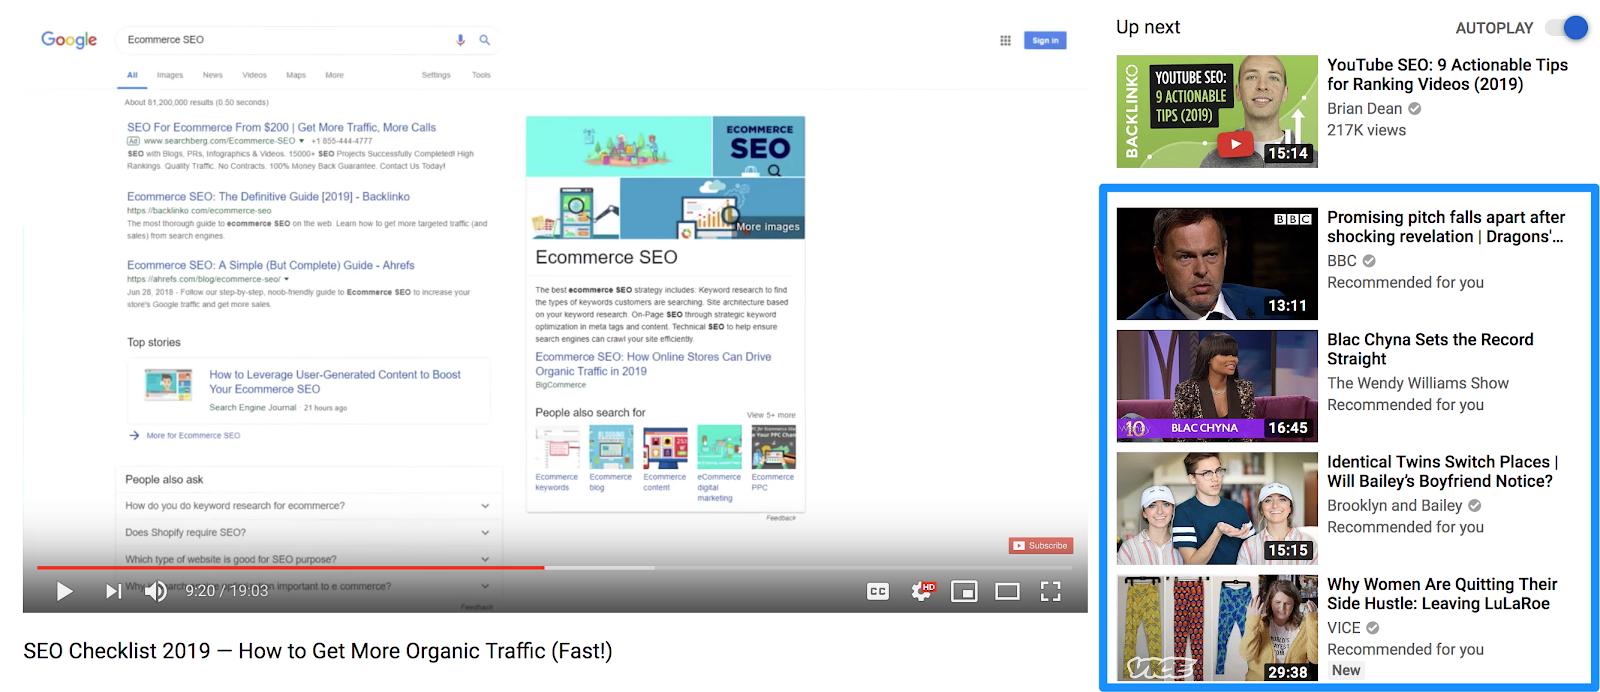 video consigliati da YouTube.